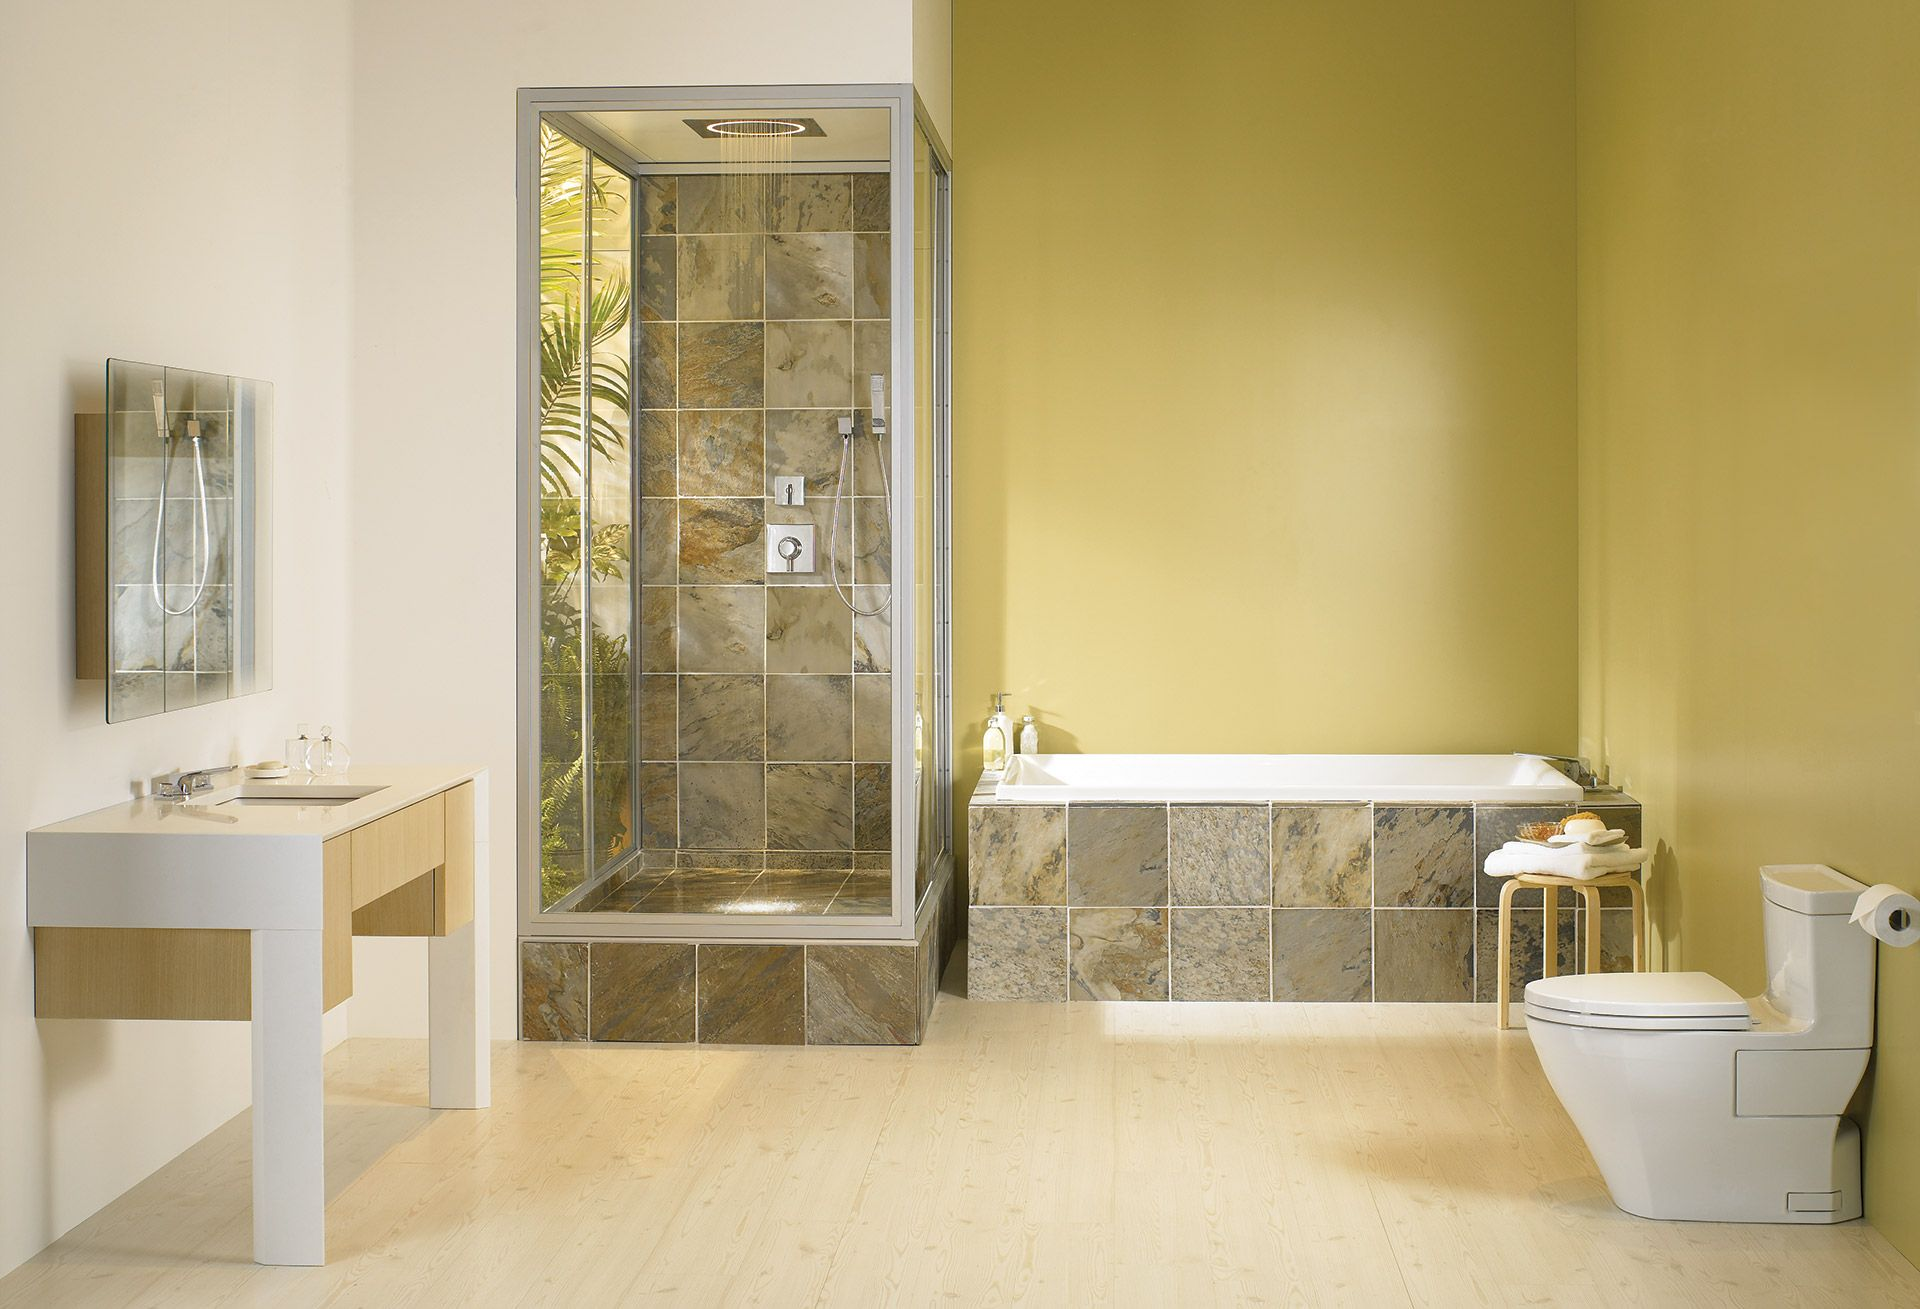 legato one piece toilet 128gpf elongated bowl fabulous las vegas shower curtain